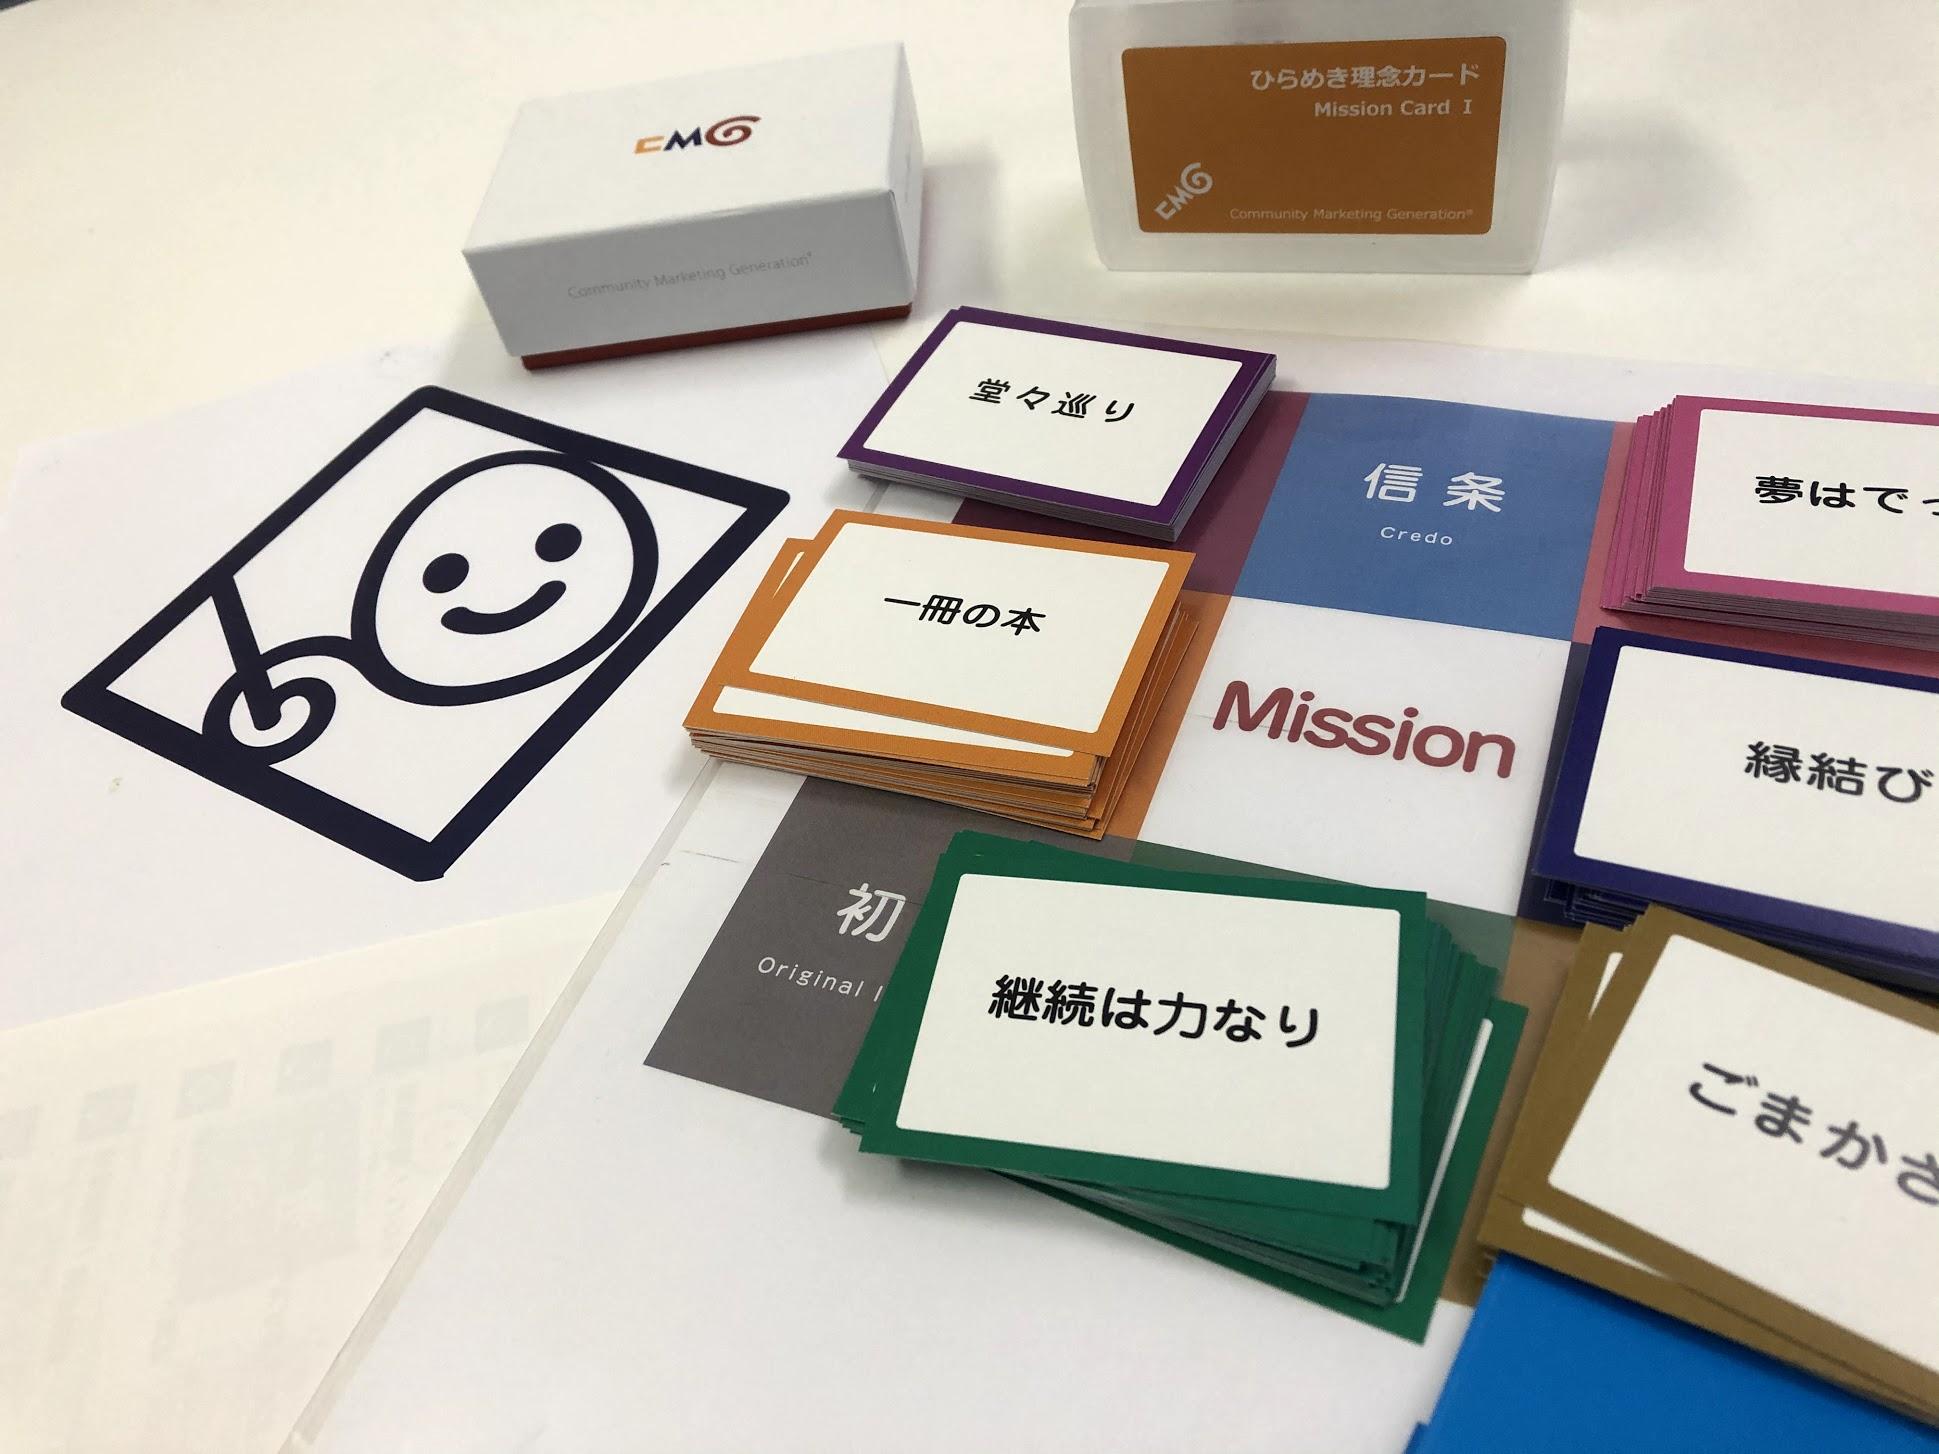 ひらめきカフェ「理念-Mission」in 仙台:画像